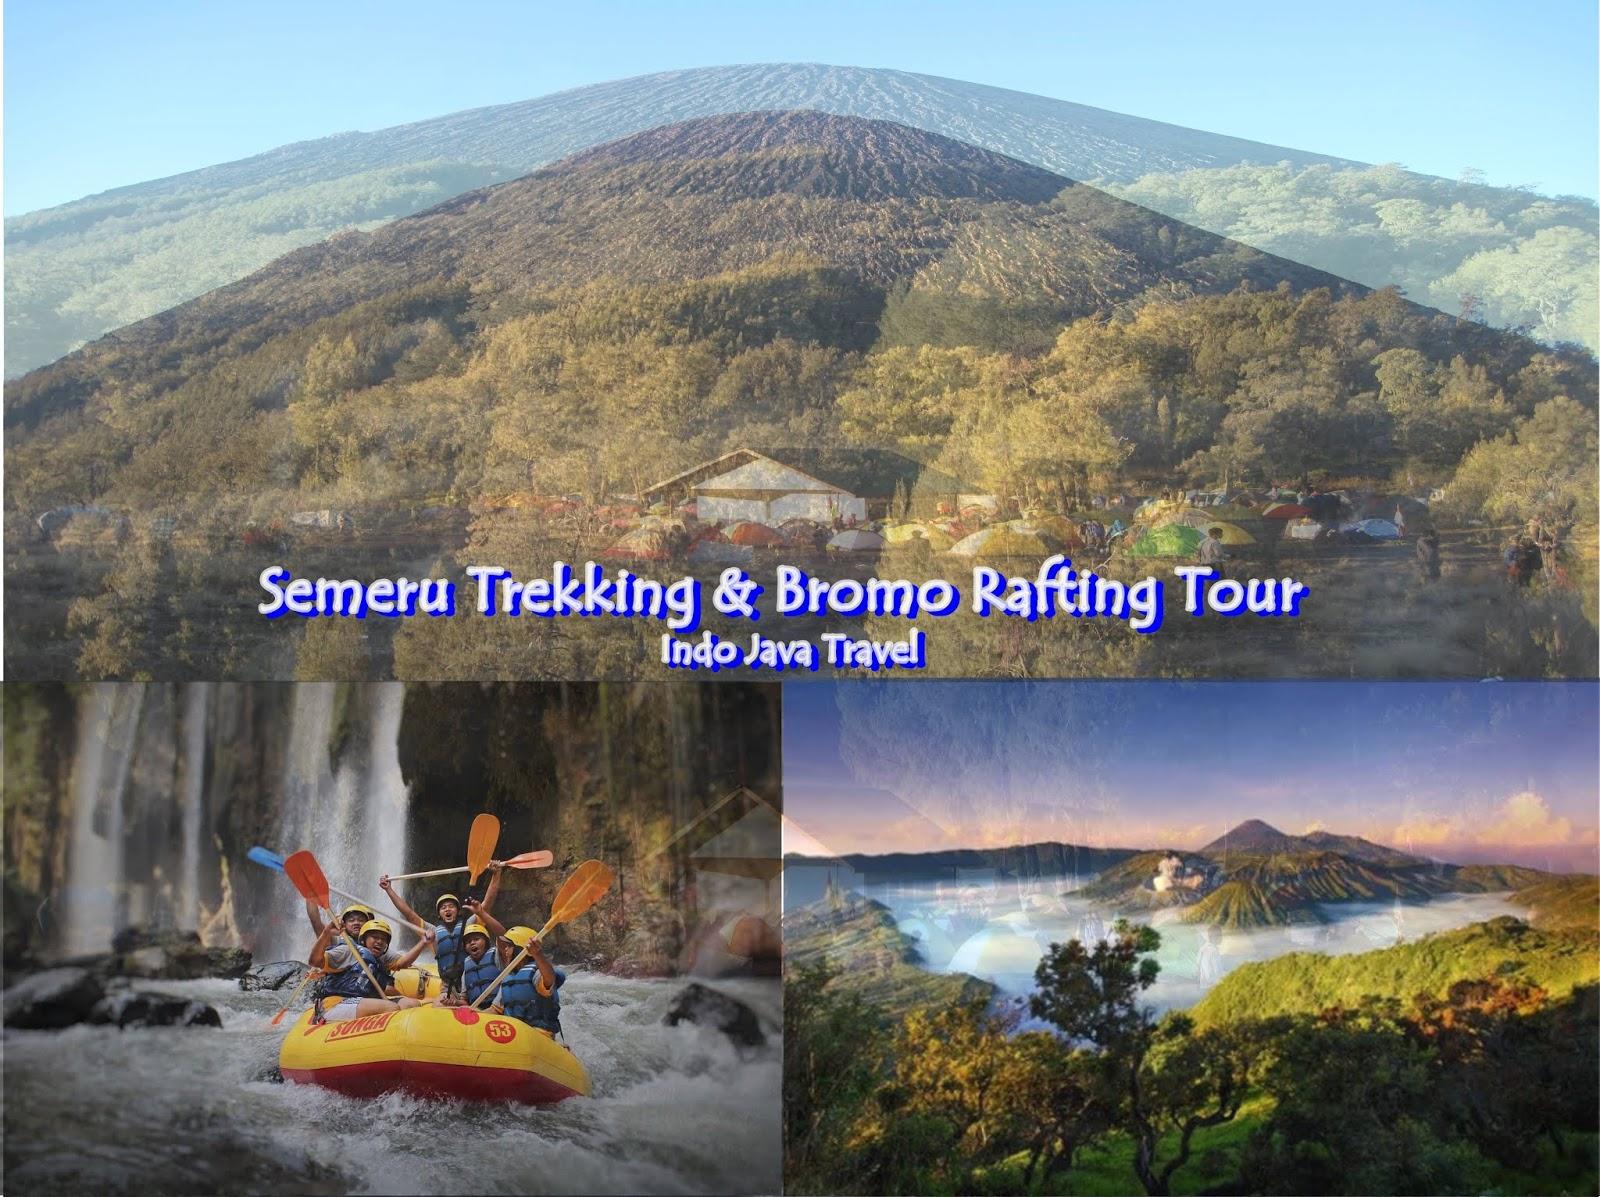 Indo Java Travel Midnight Bromo Madakaripura Semeru Trekking Tour Packages Rafting 4 Days 3 Nights